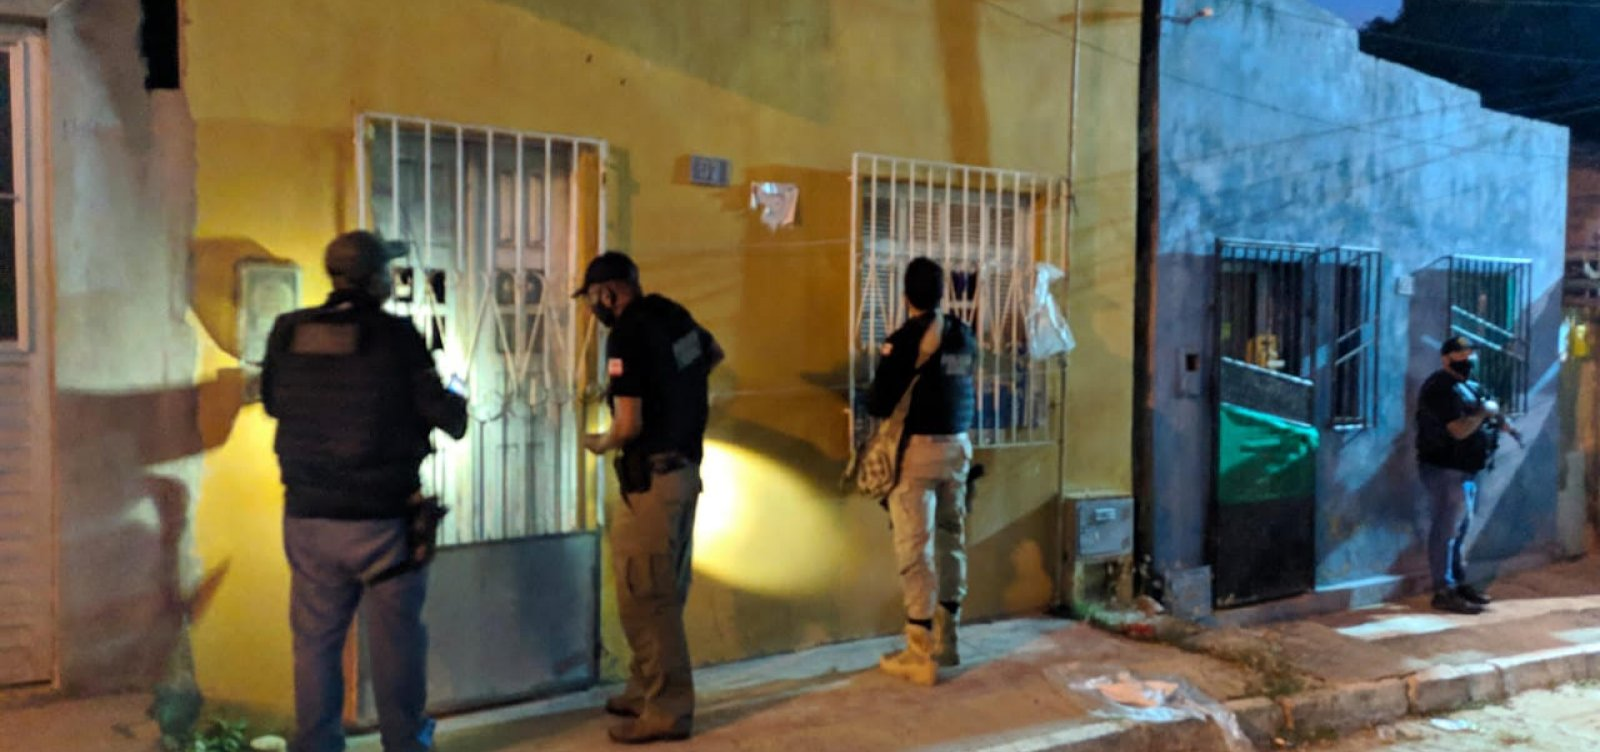 Crimes Violentos Letais Intencionais caem 27,3% na Região Metropolitana de Salvador